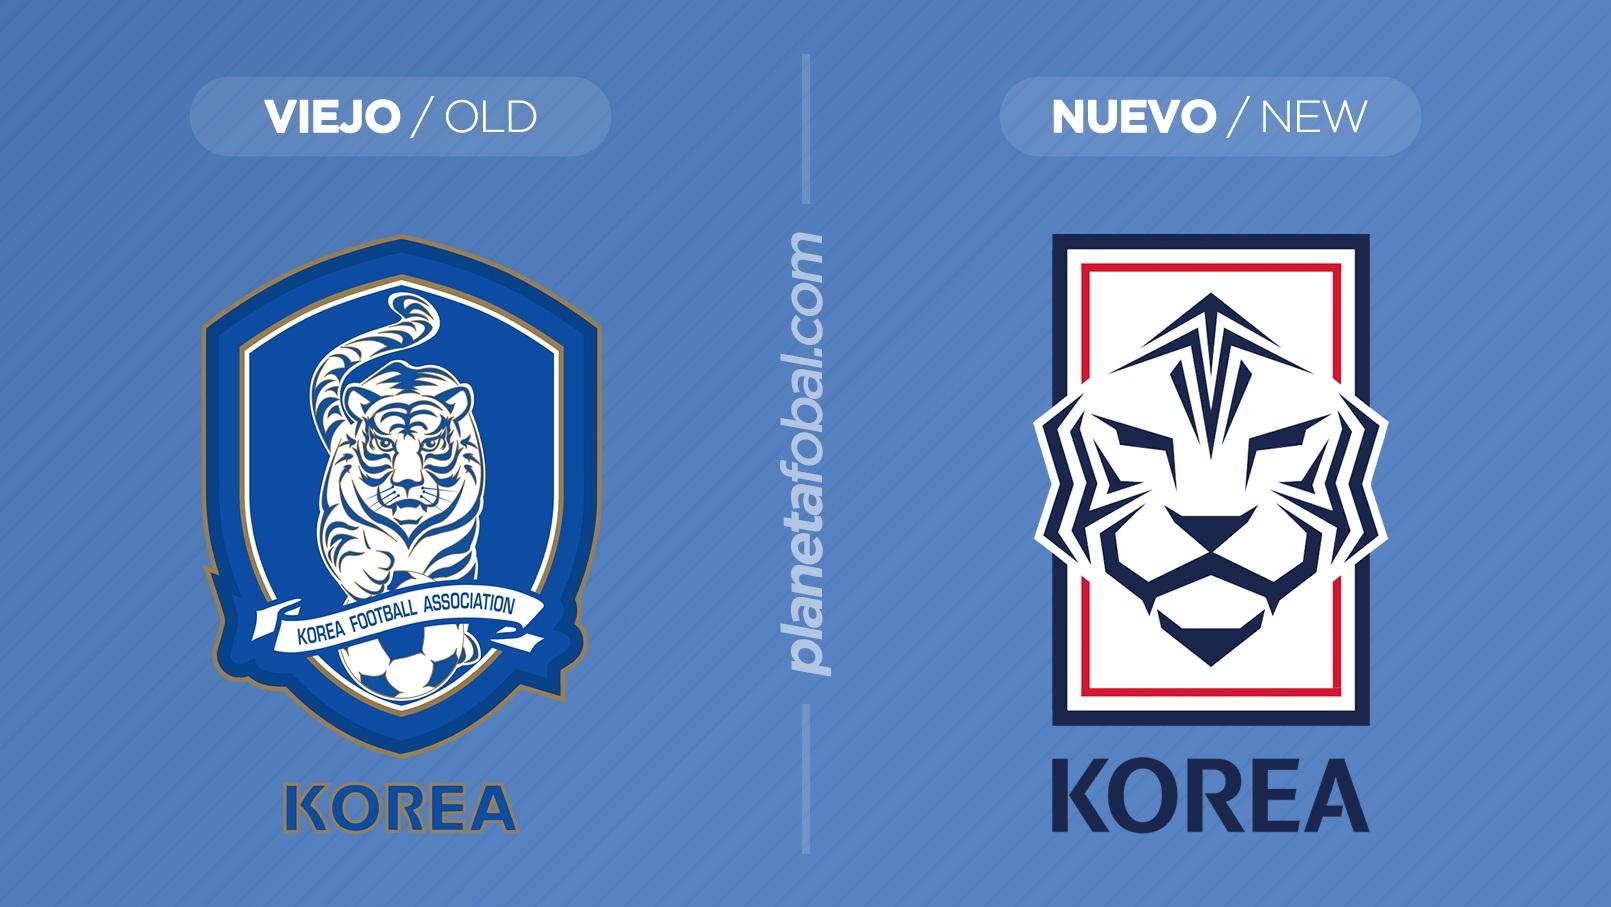 Así será el cambio en el escudo oficial | Imágenes KFA